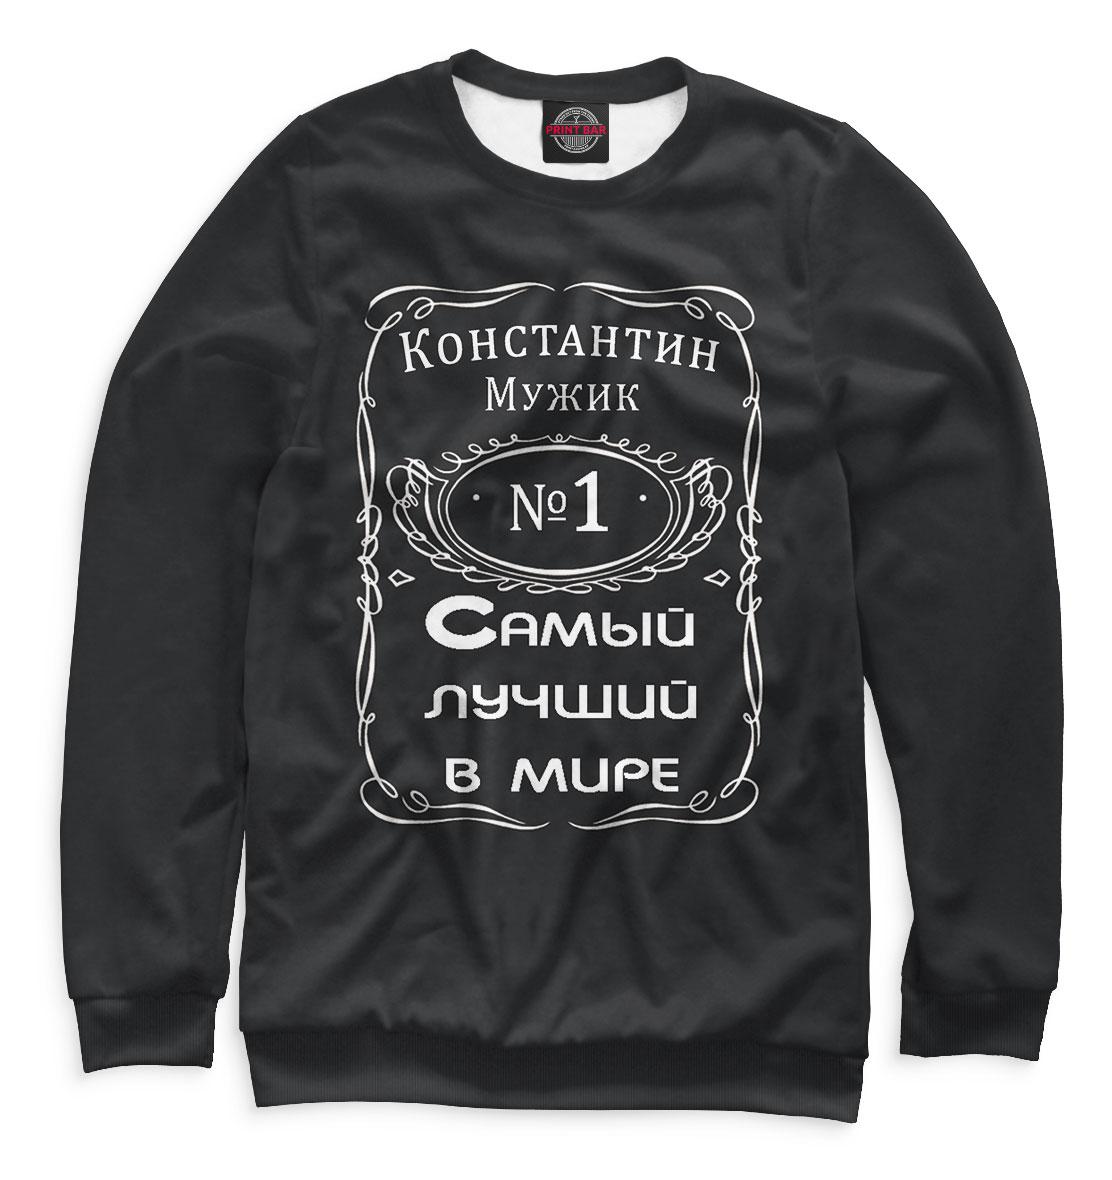 Купить Константин — самый лучший в мире, Printbar, Свитшоты, IMR-248948-swi